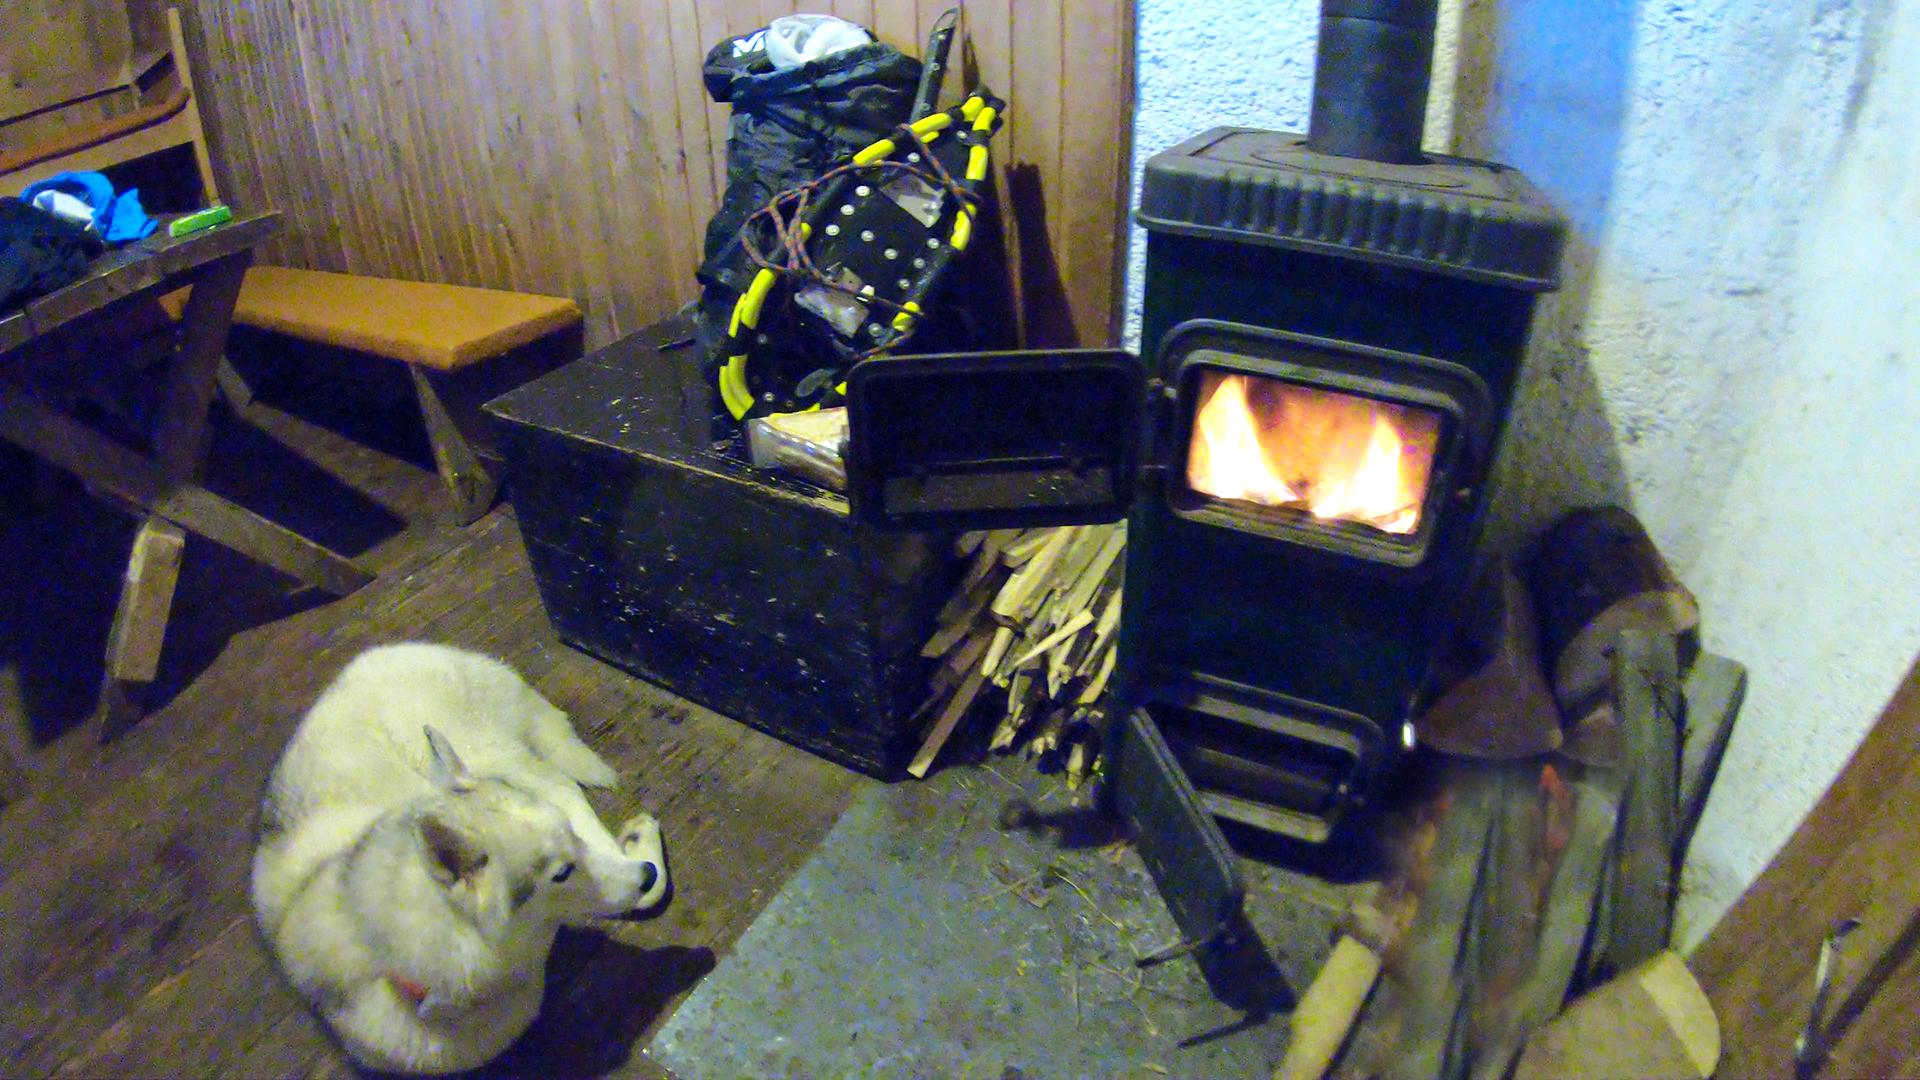 Risnjak Hut Winter Room.jpg (1.81 MB)